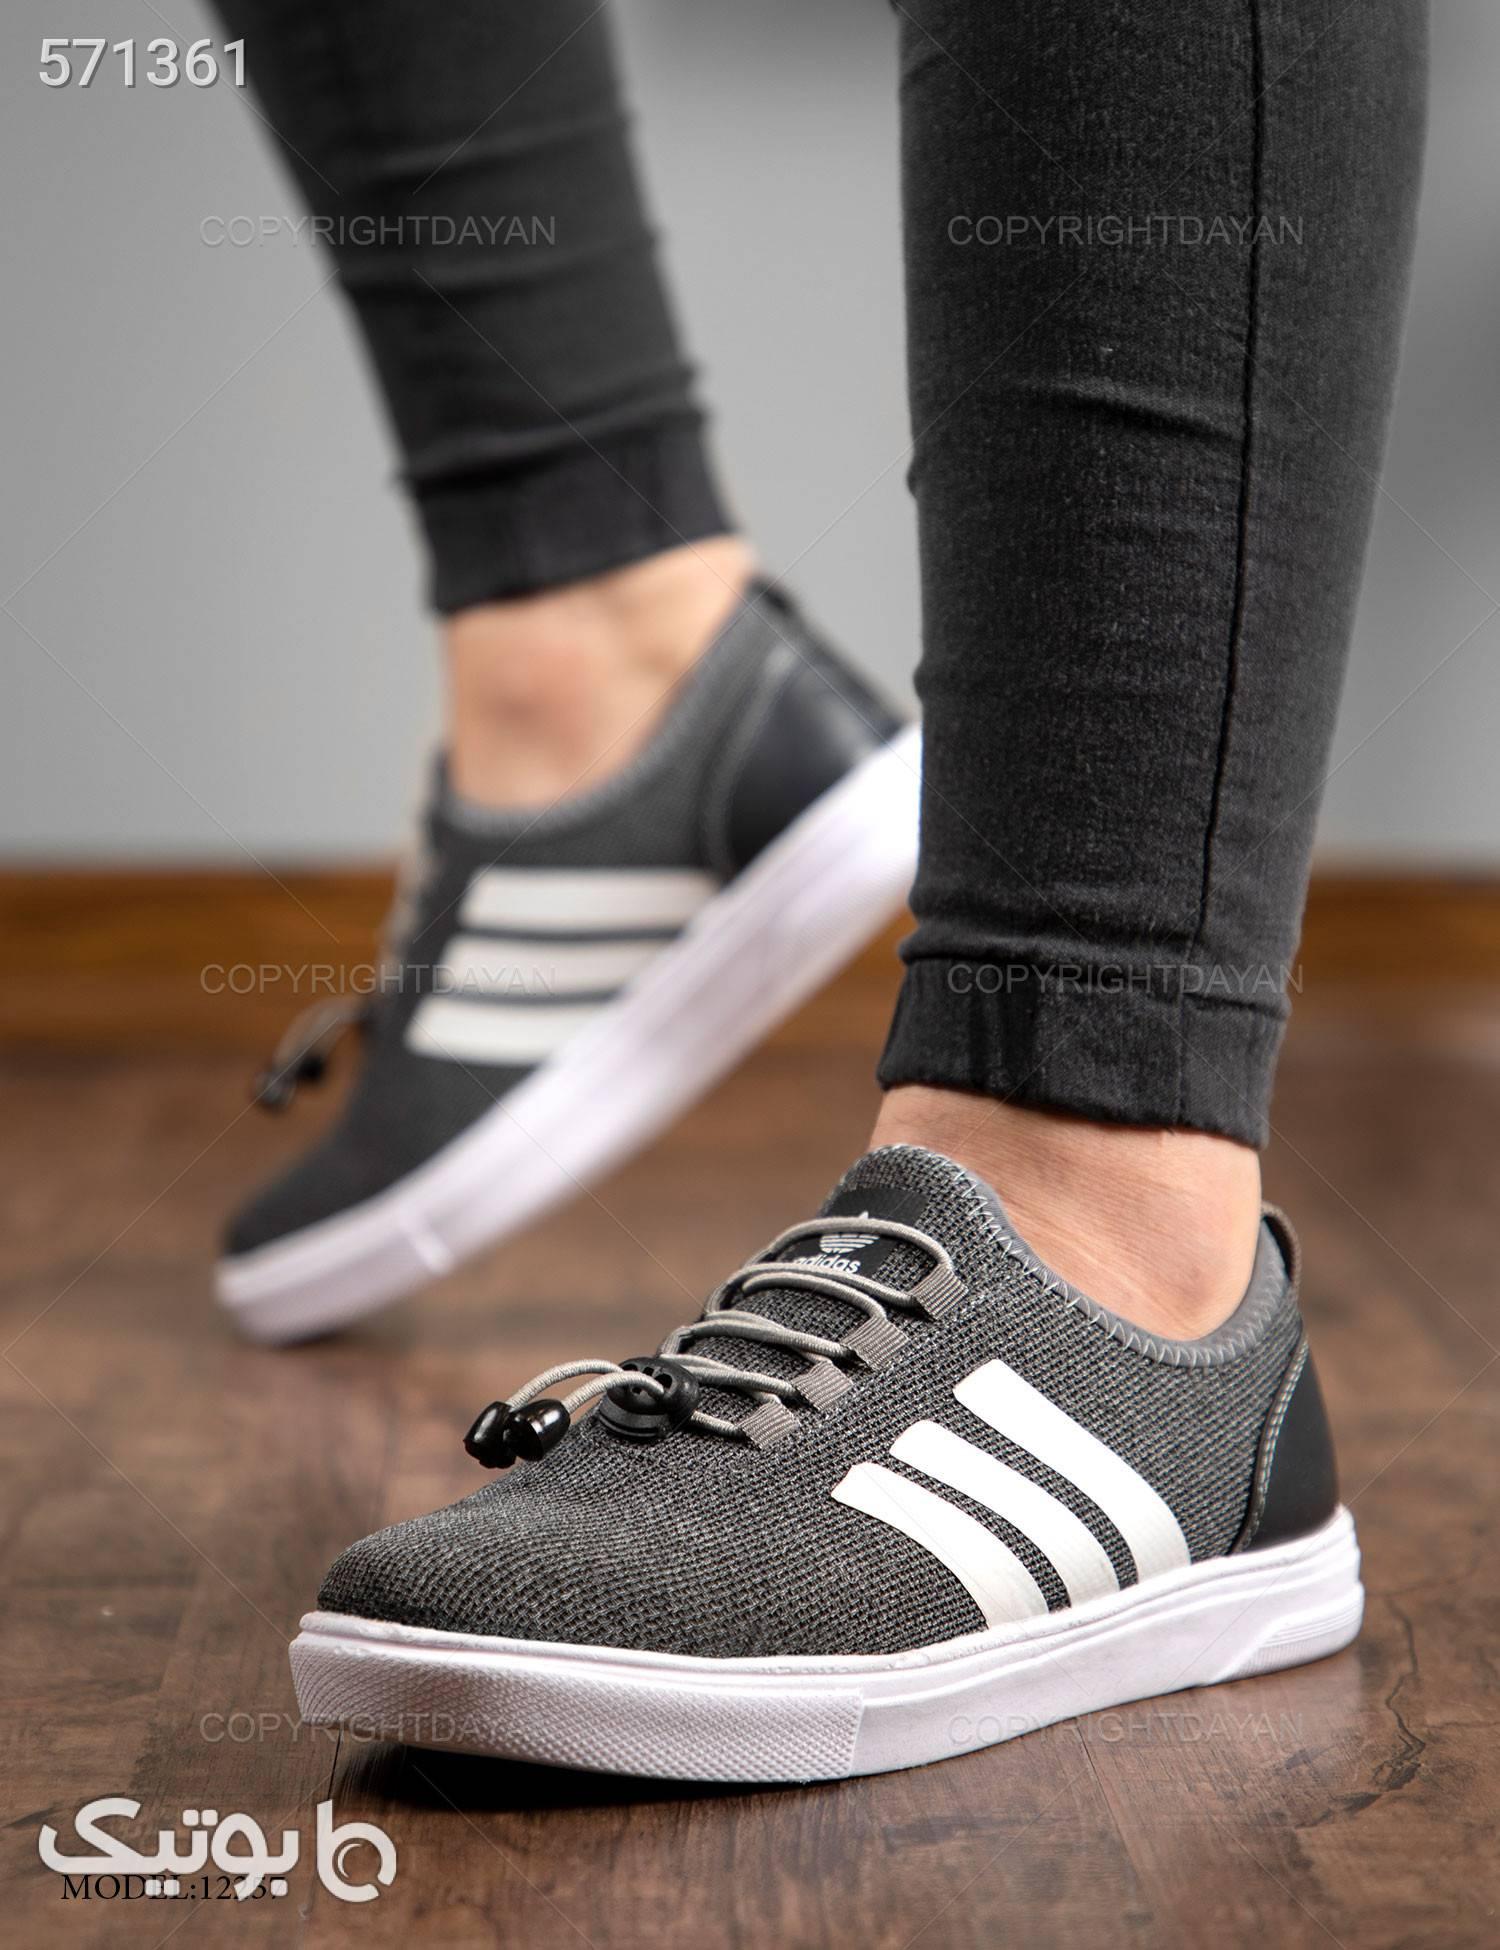 کفش مردانه Adidas  مدل 12257 طوسی كتانی مردانه